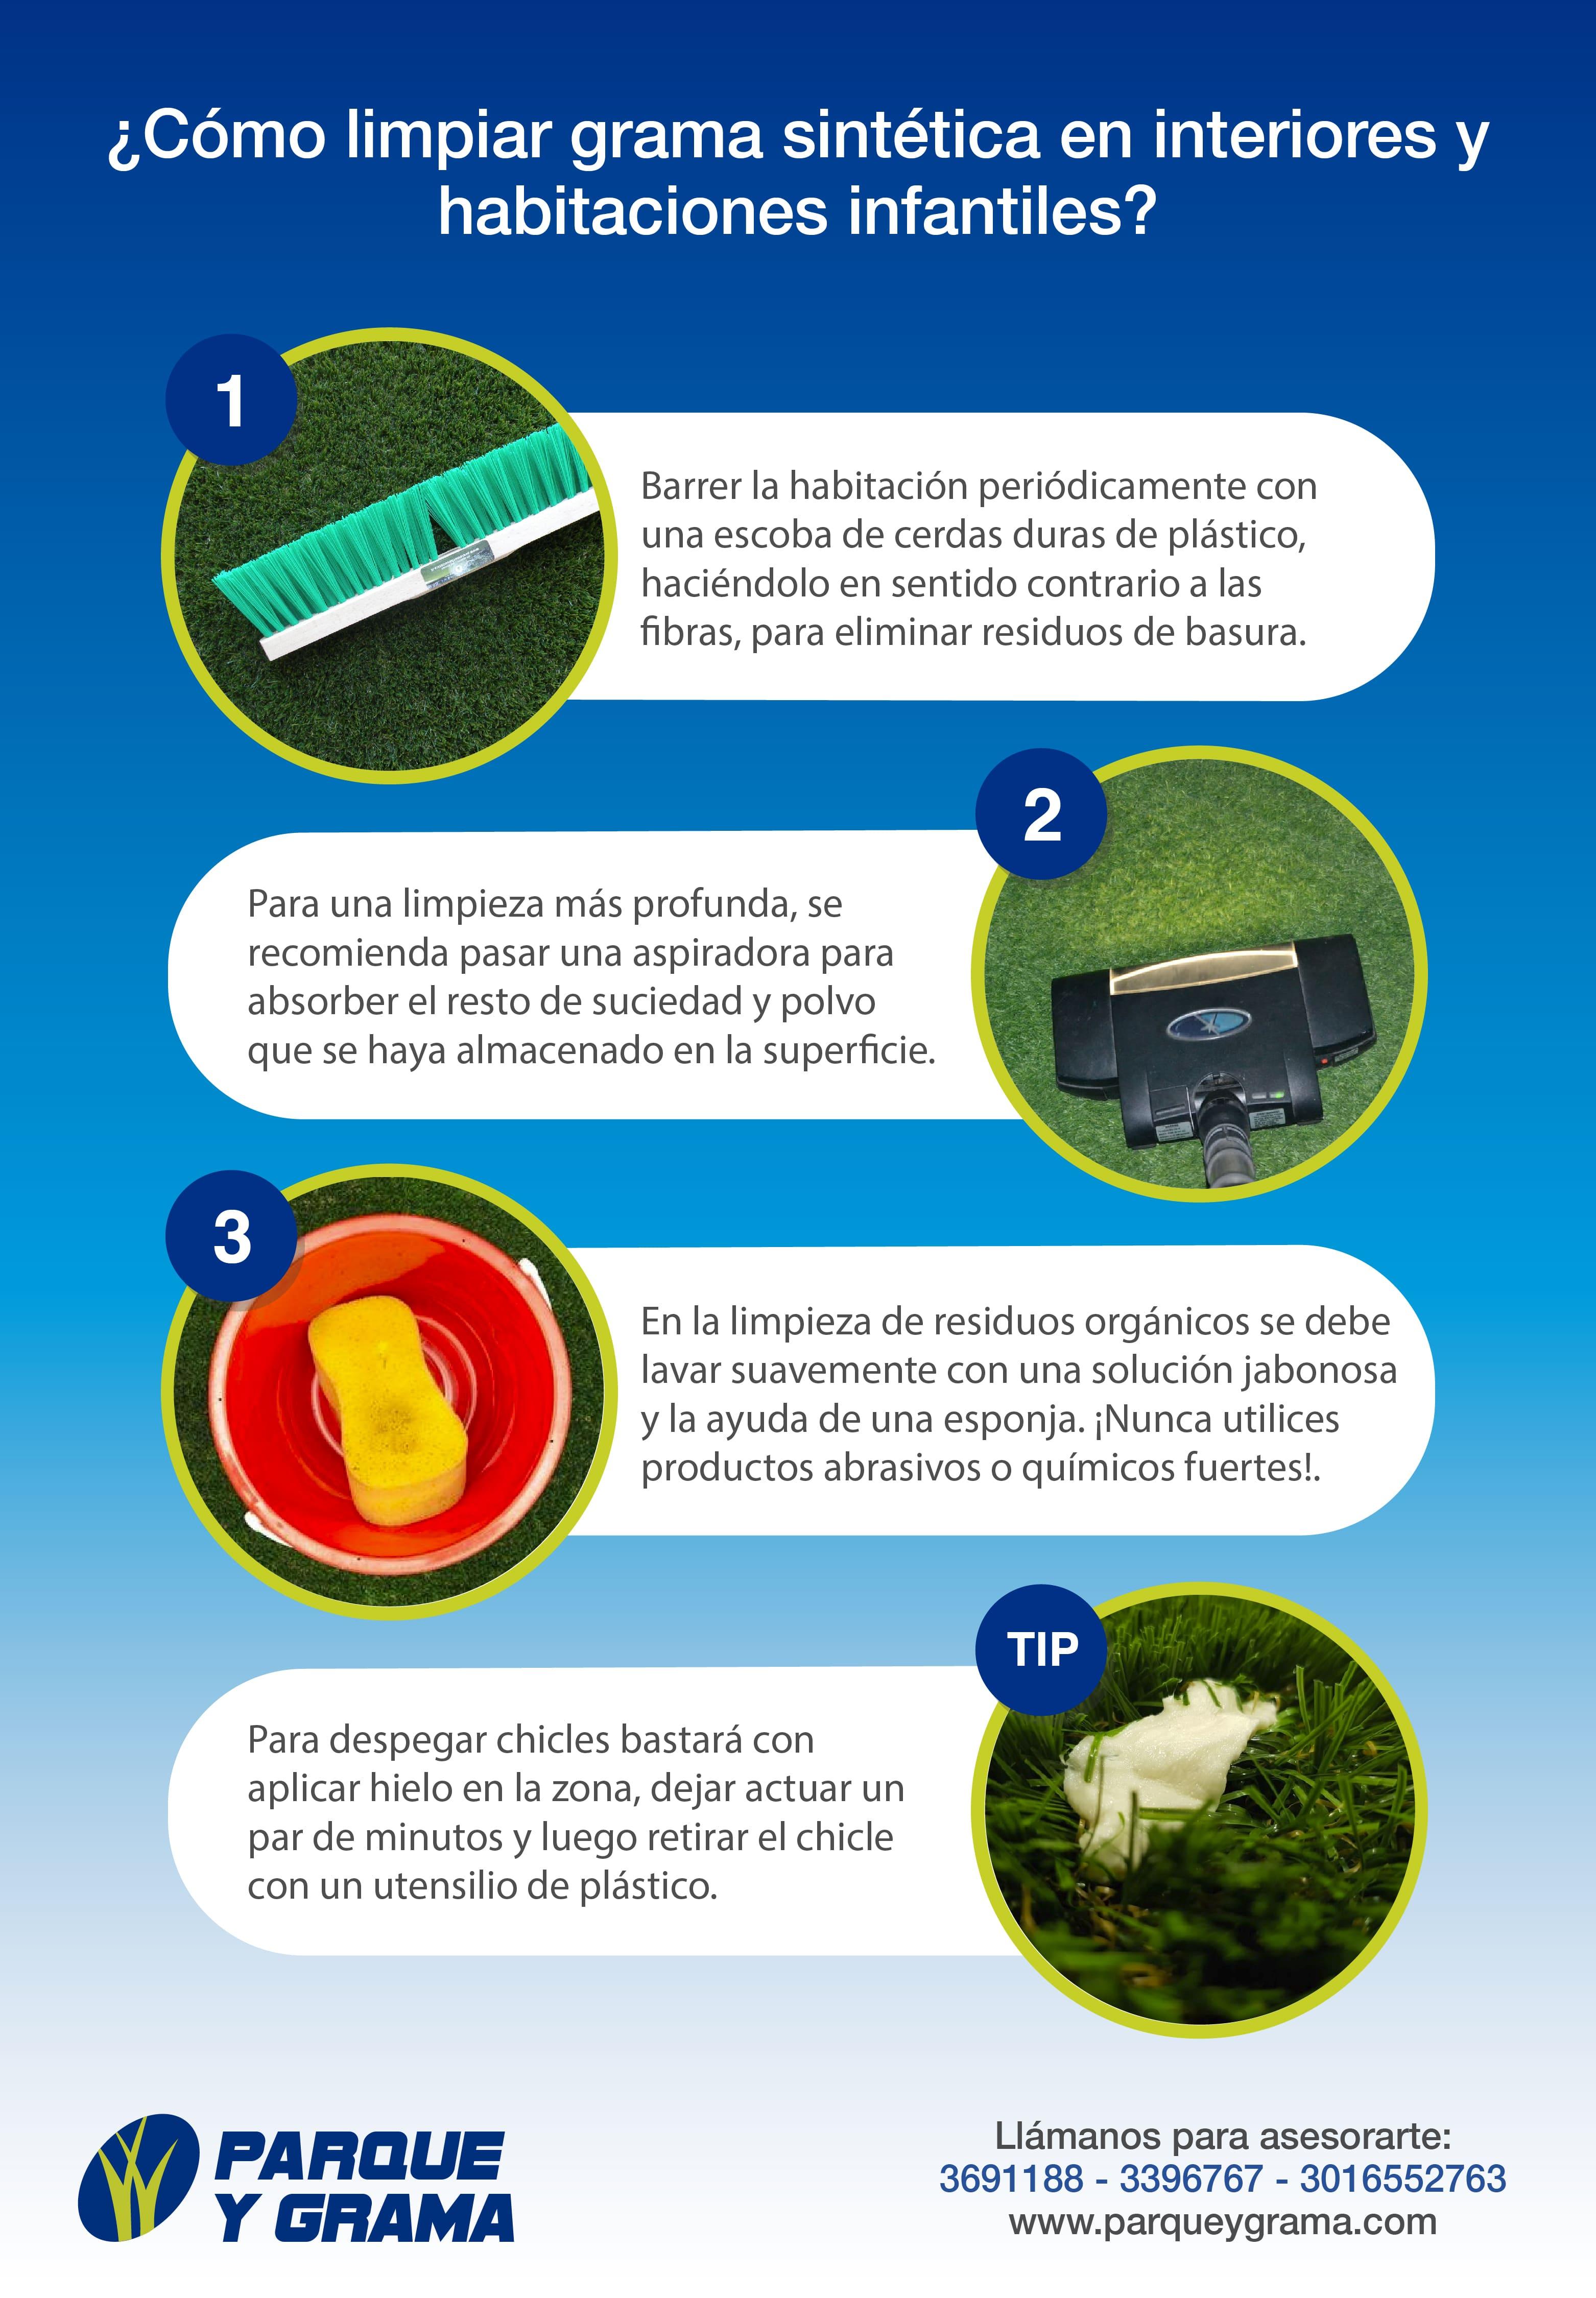 cómo limpiar grama sintética en interiores y habitaciones infantiles infografía